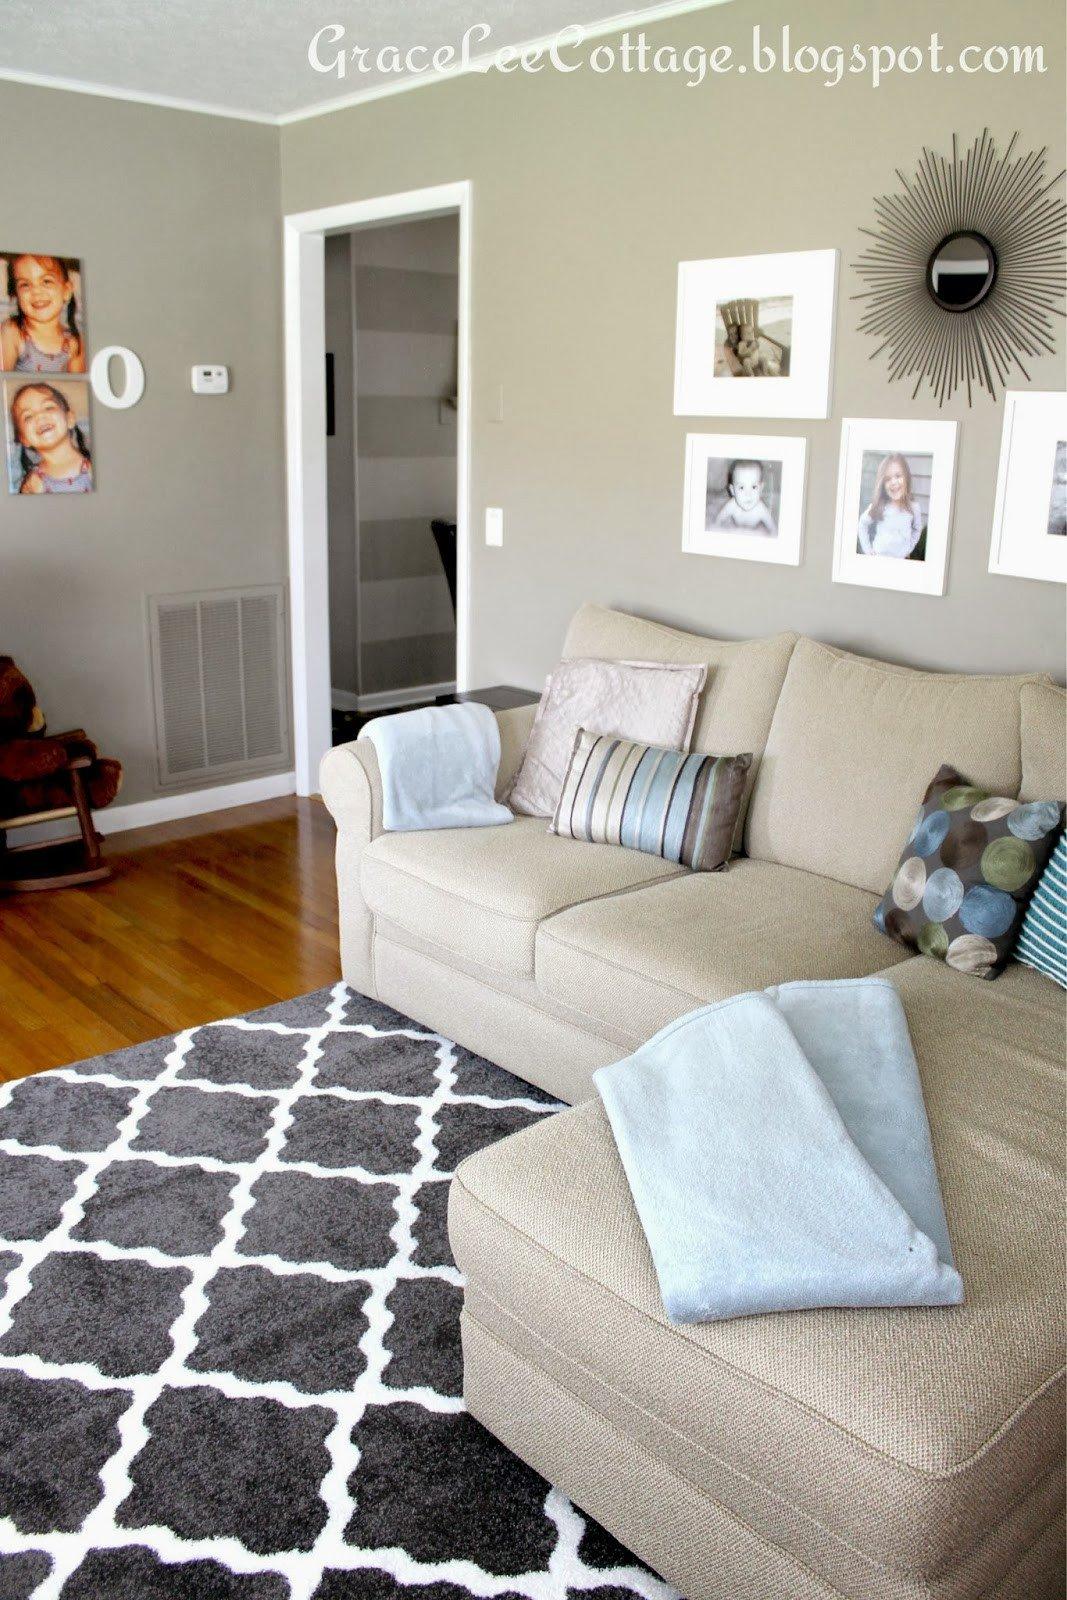 Rug for Living Room Ideas Grace Lee Cottage New Living Room Rug